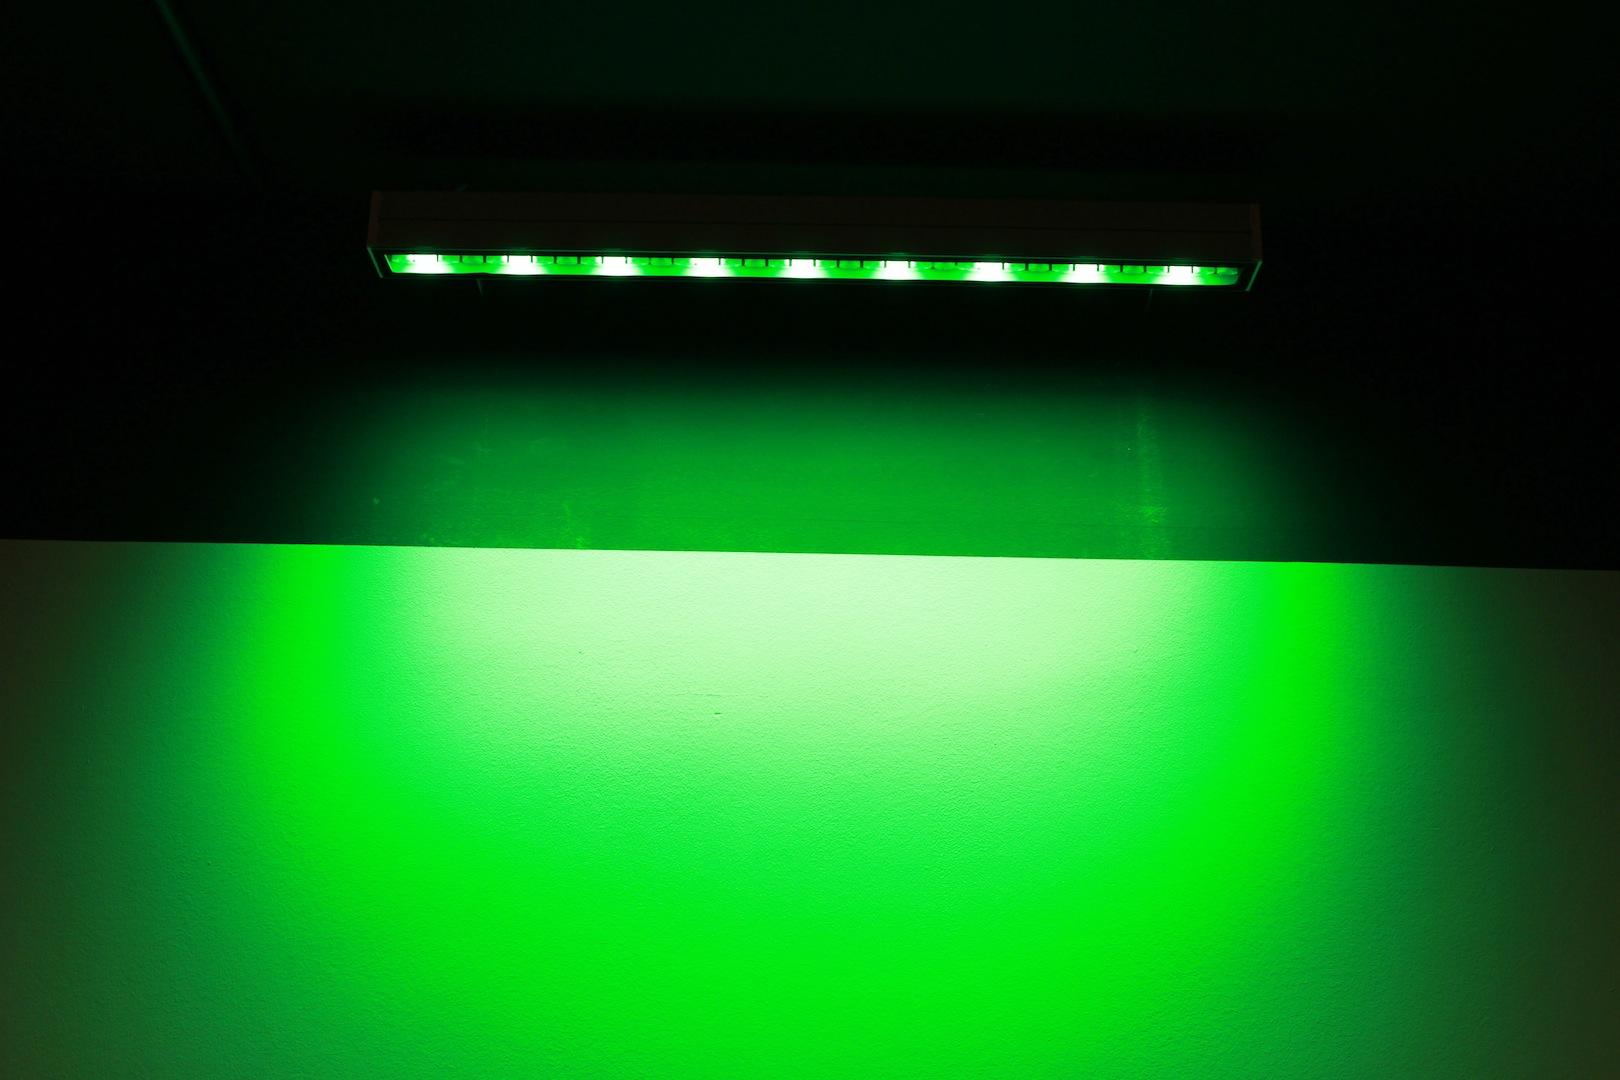 Grünlich. Die Kennfarbe des Museums, unterstützt durch knapp 97.000 (nicht nur grüne) LEDs, 650 Leuchten, 205 Monitoren und Touchscreens sowie 19 Laserprojektoren.